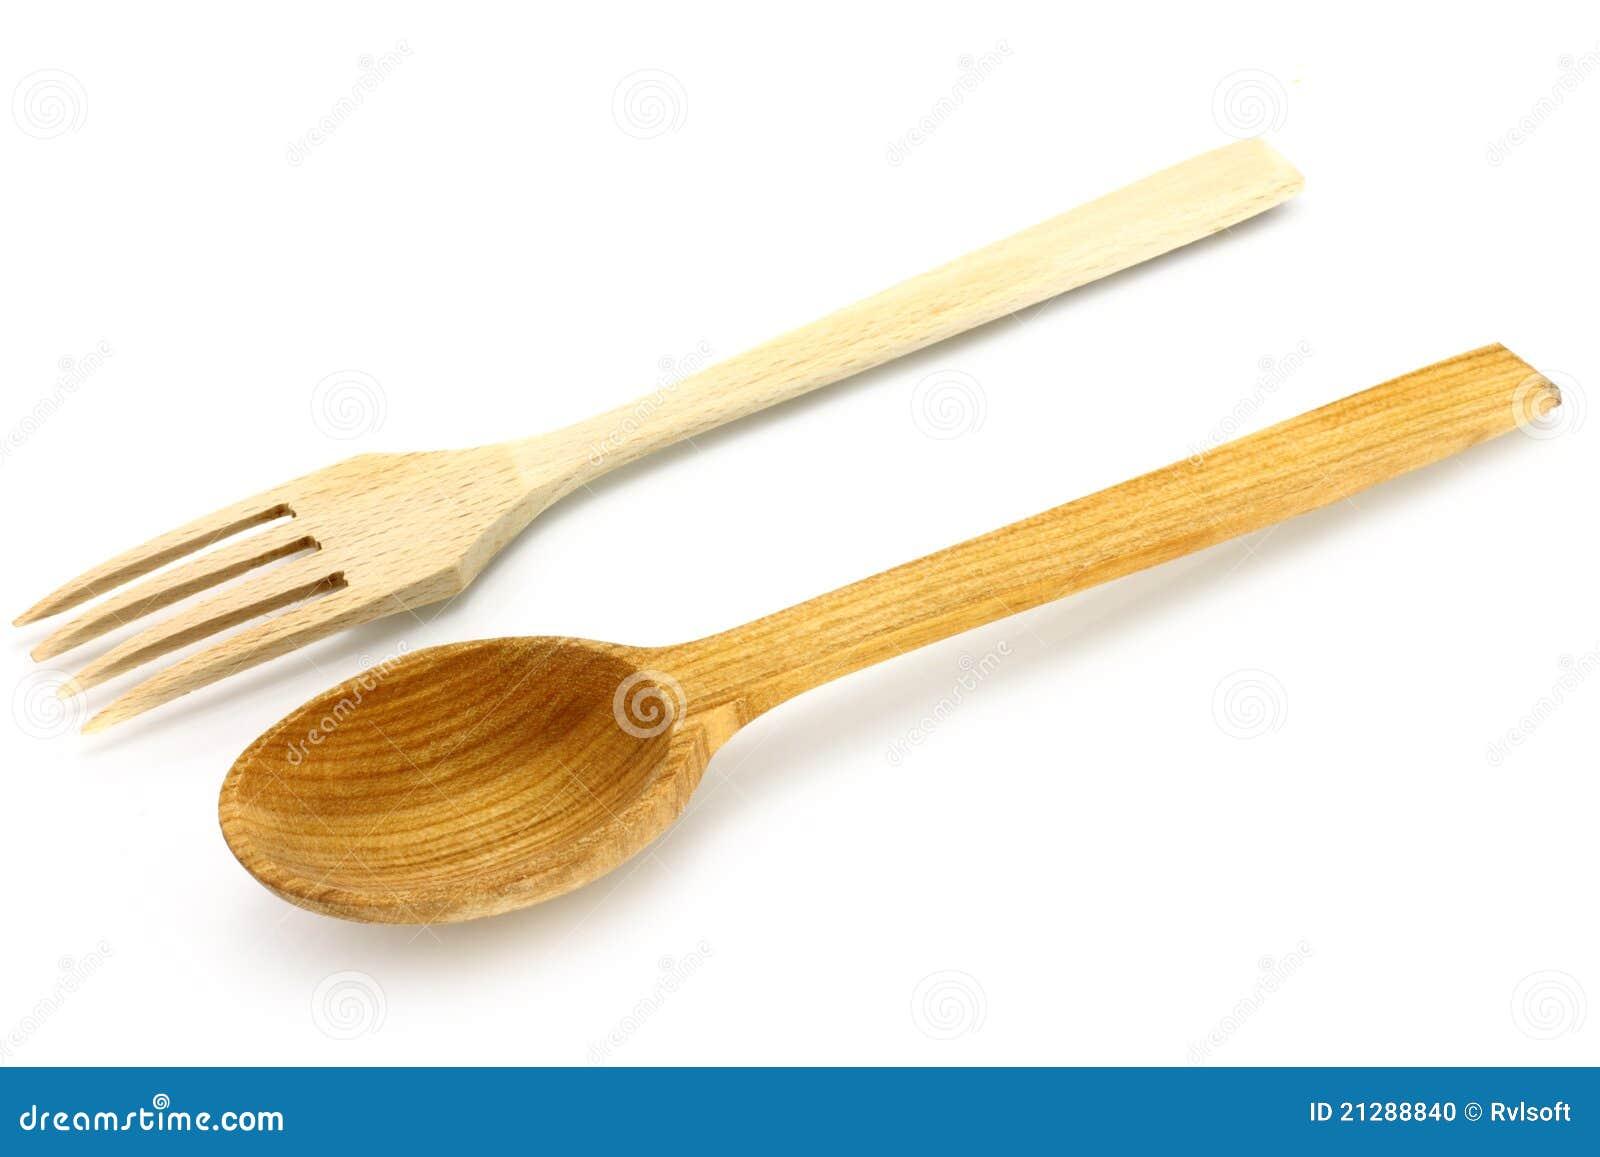 Utensilios de cocina de madera foto de archivo imagen for Cocina utensilios